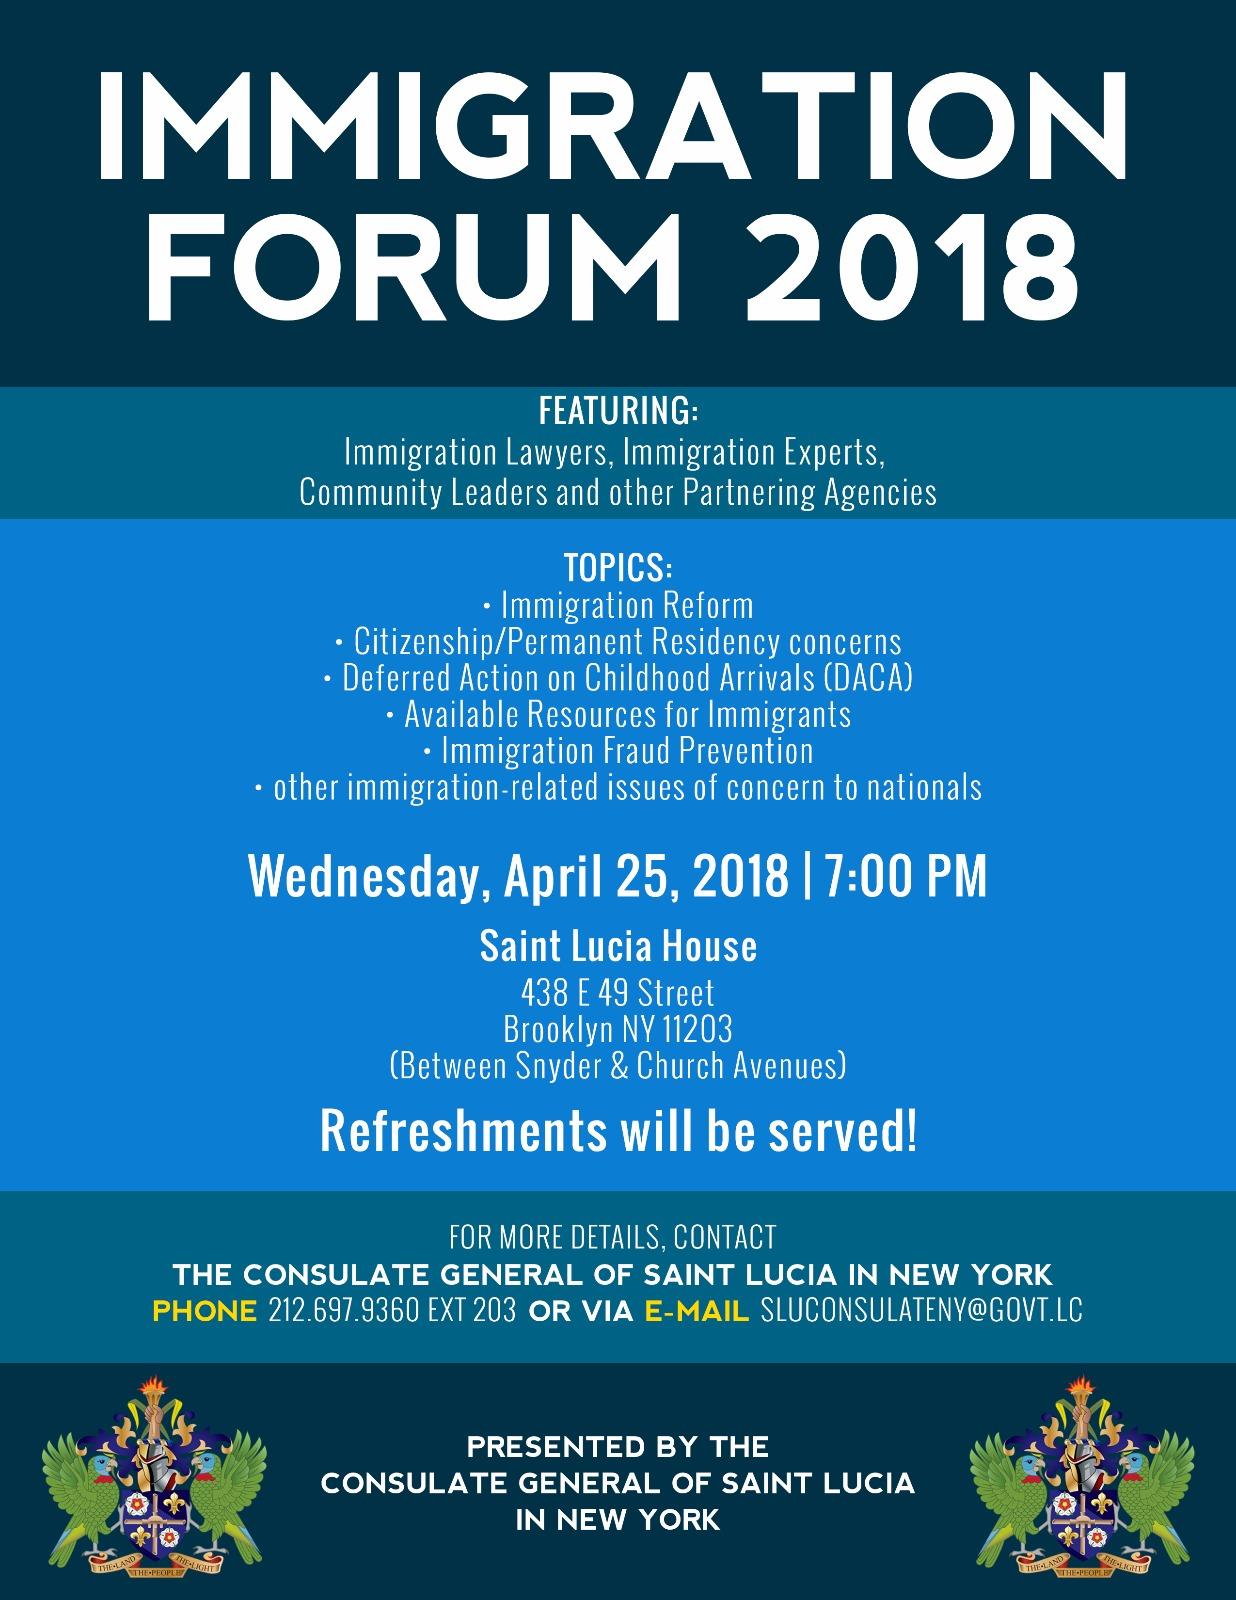 Immigration Forum 2018